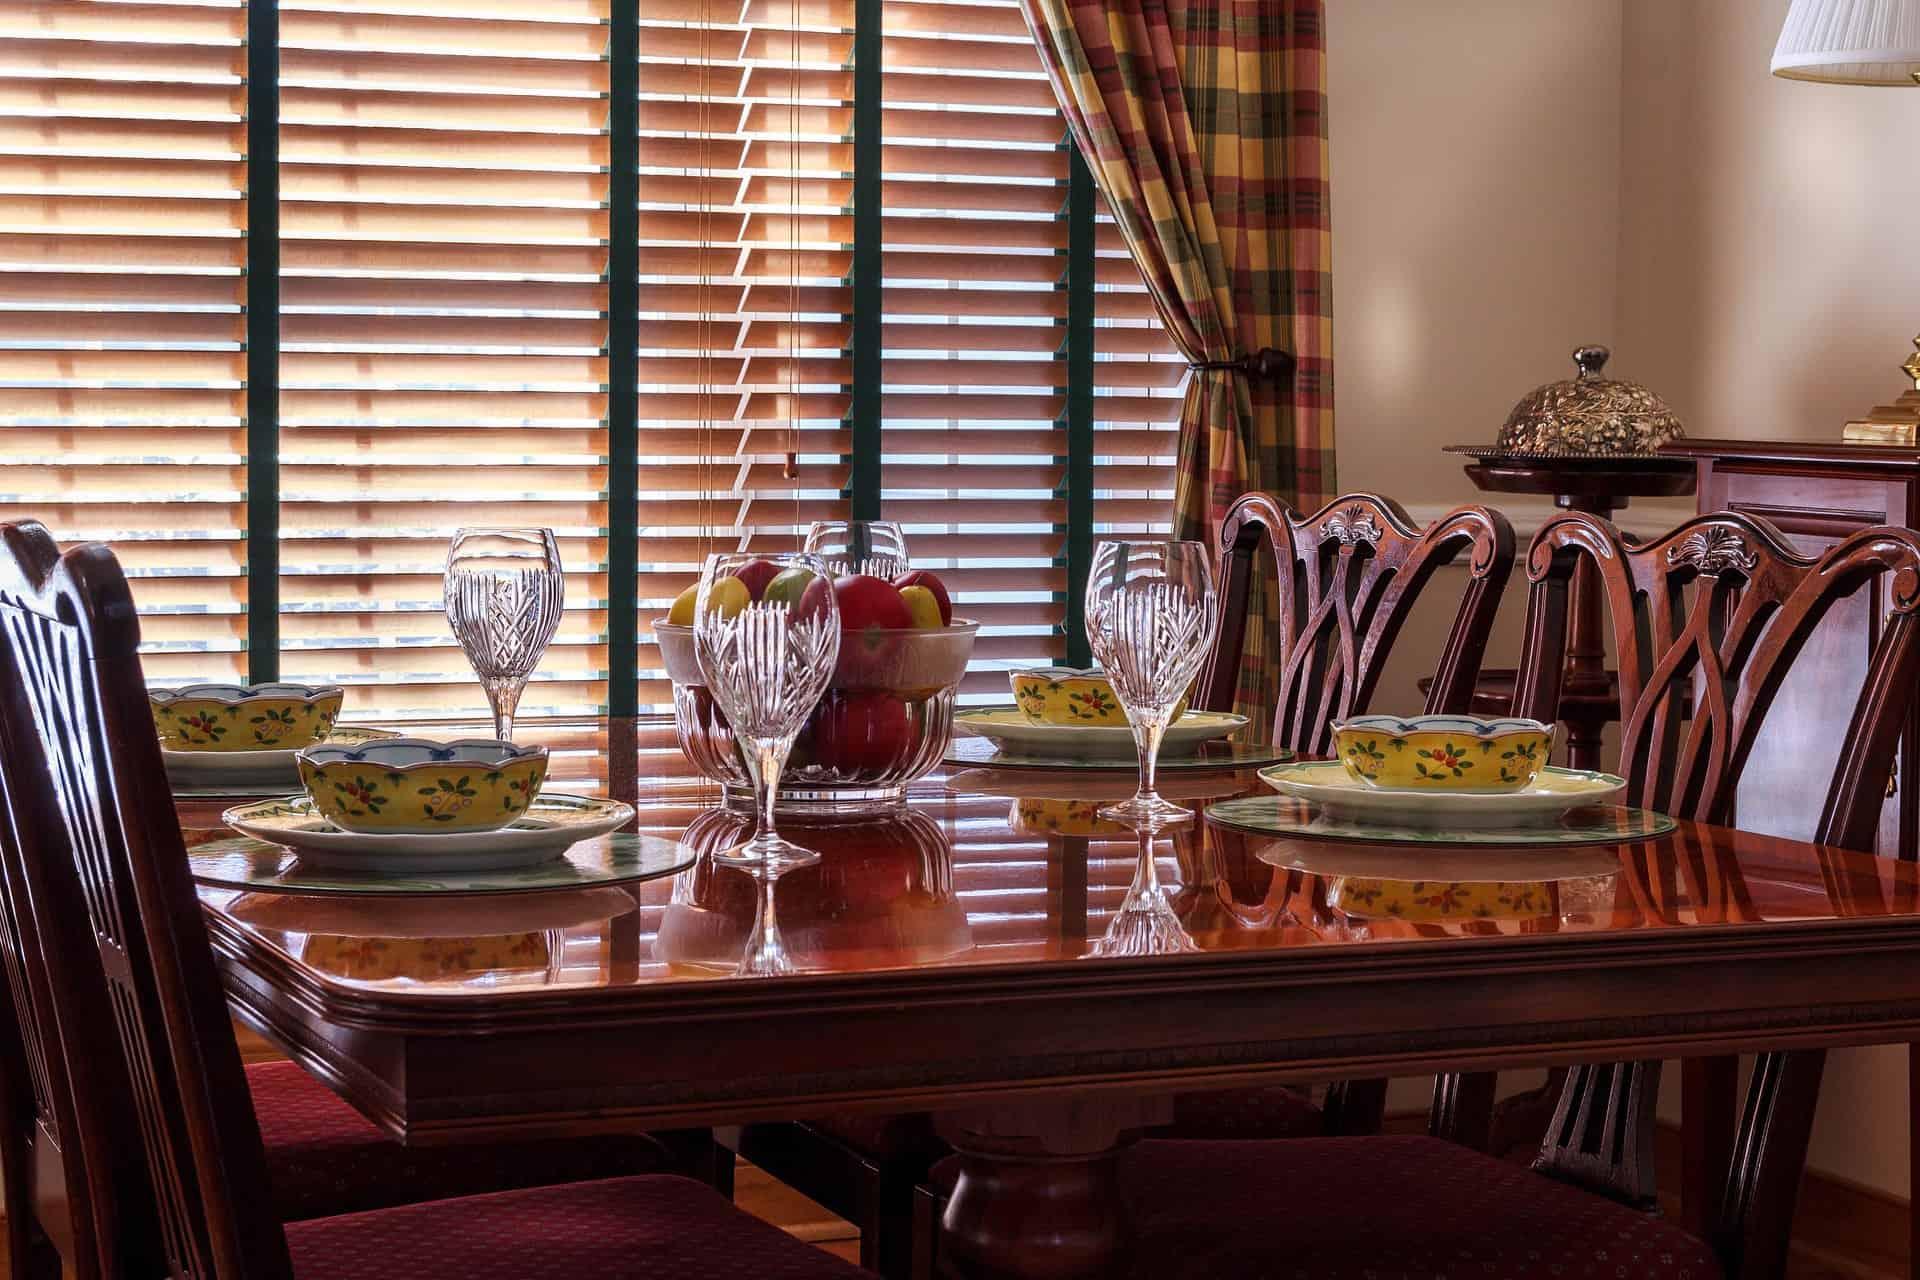 Imagem de mesa de jantar com taças e fruteira.